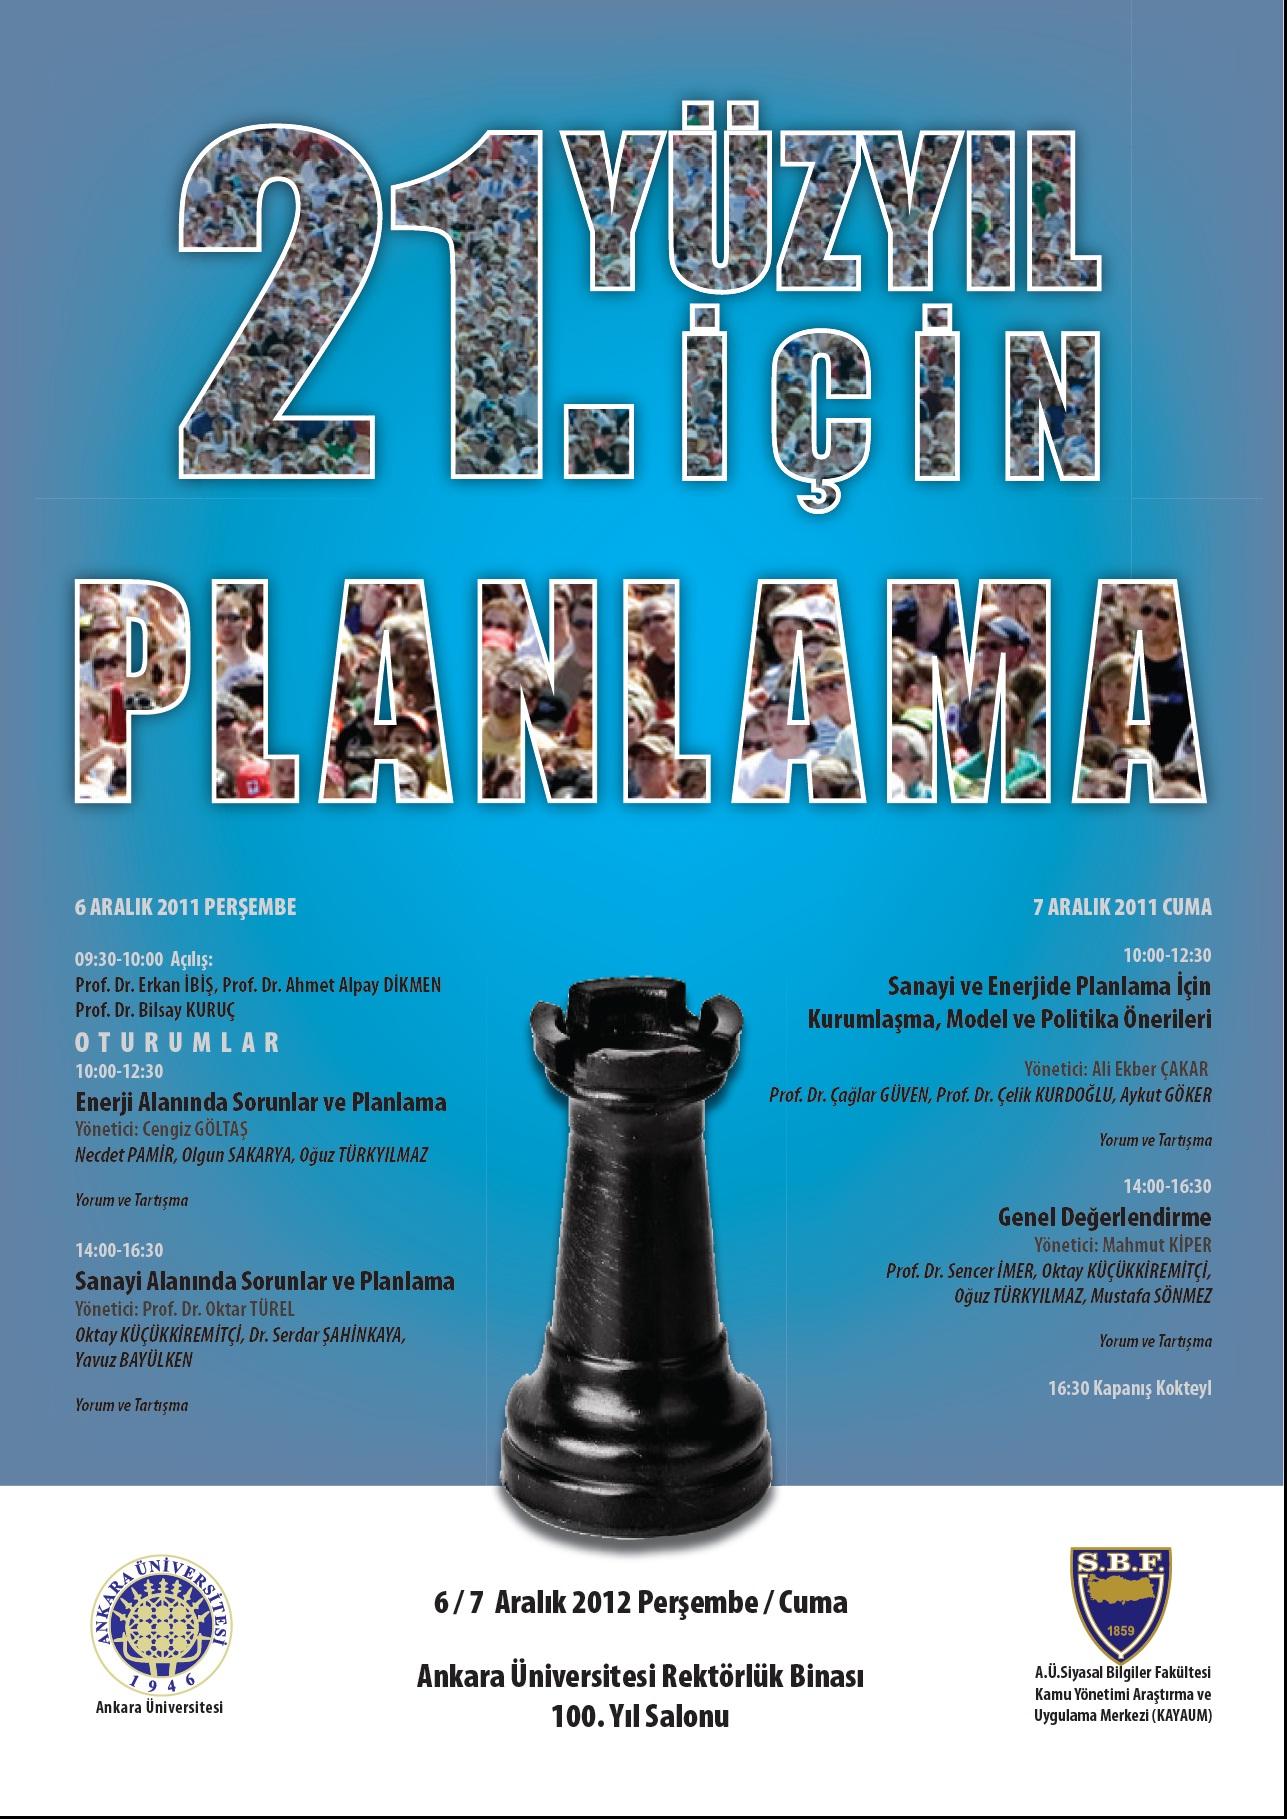 21inci Yüzyıl İçin Planlama Kurultayı- 6-7 Aralık 2012